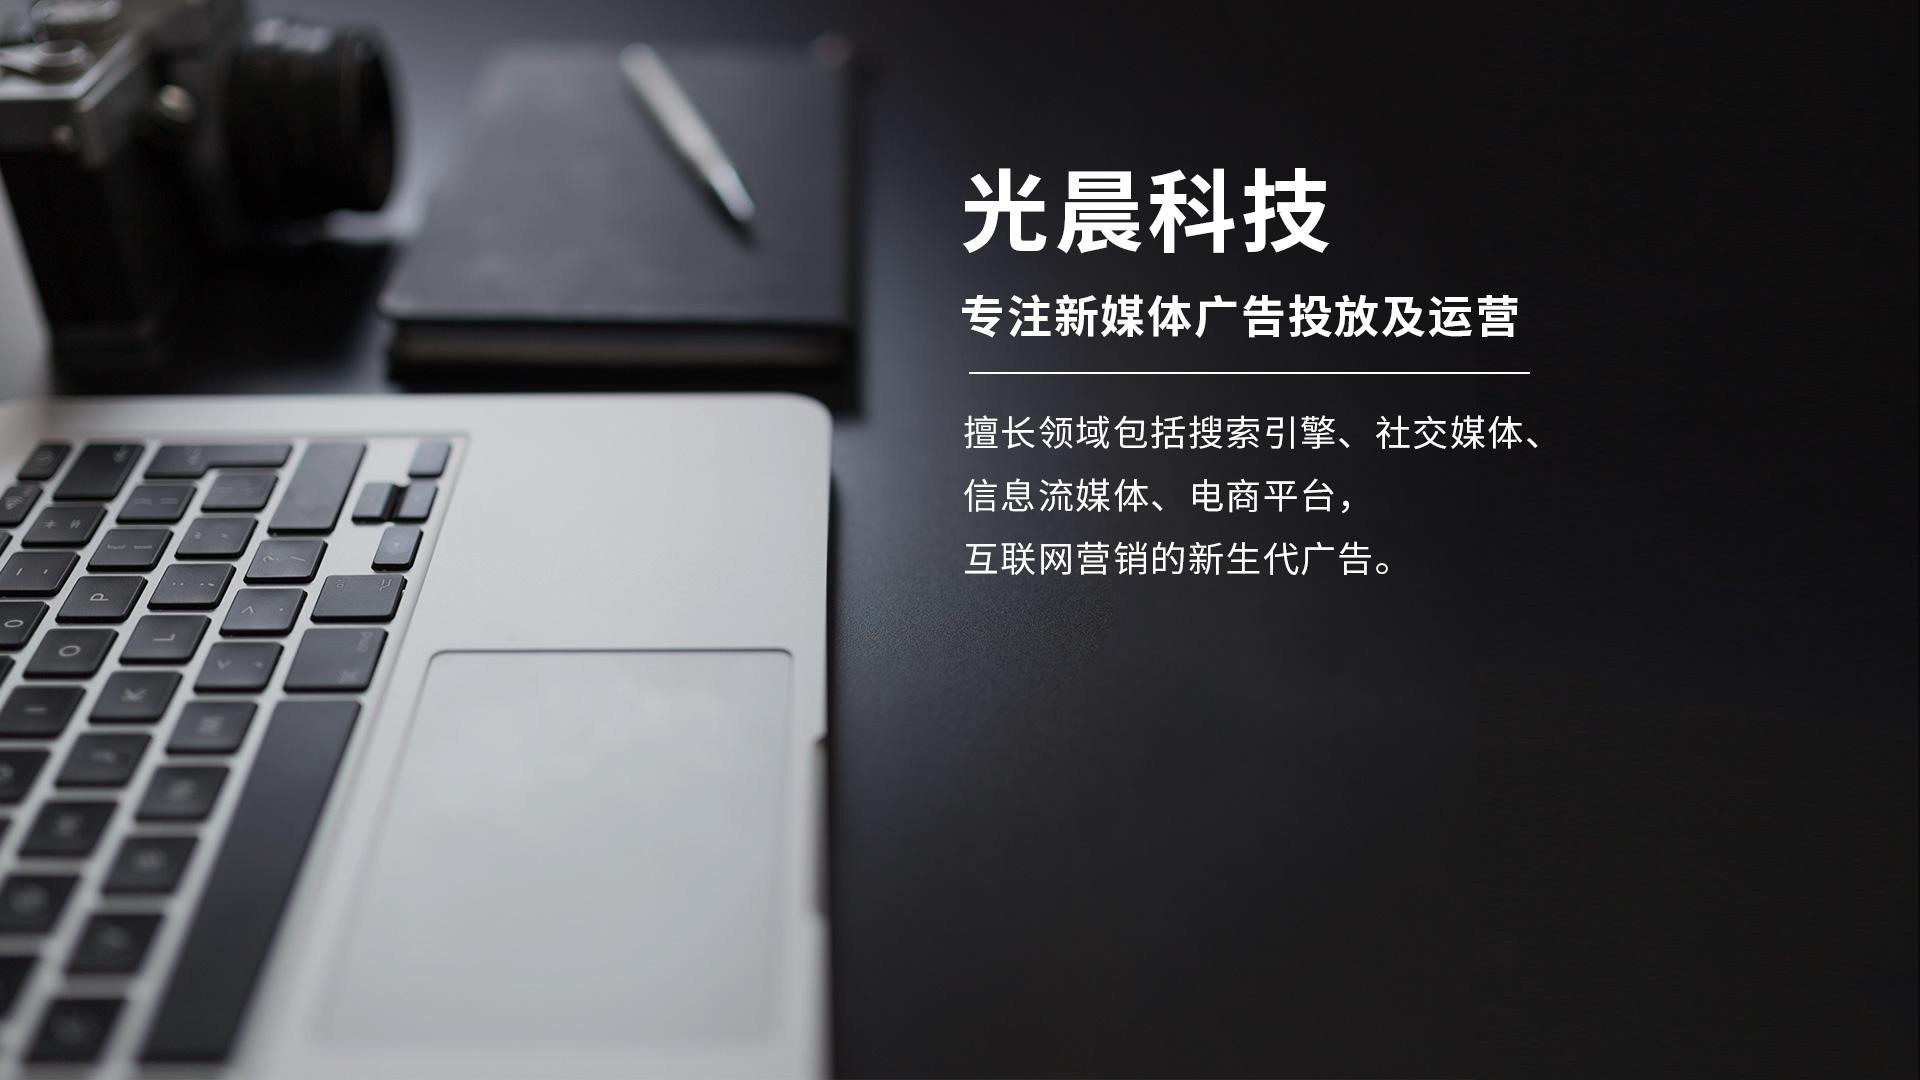 光晨科技_广州光晨科技-广州光晨信息科技有限公司